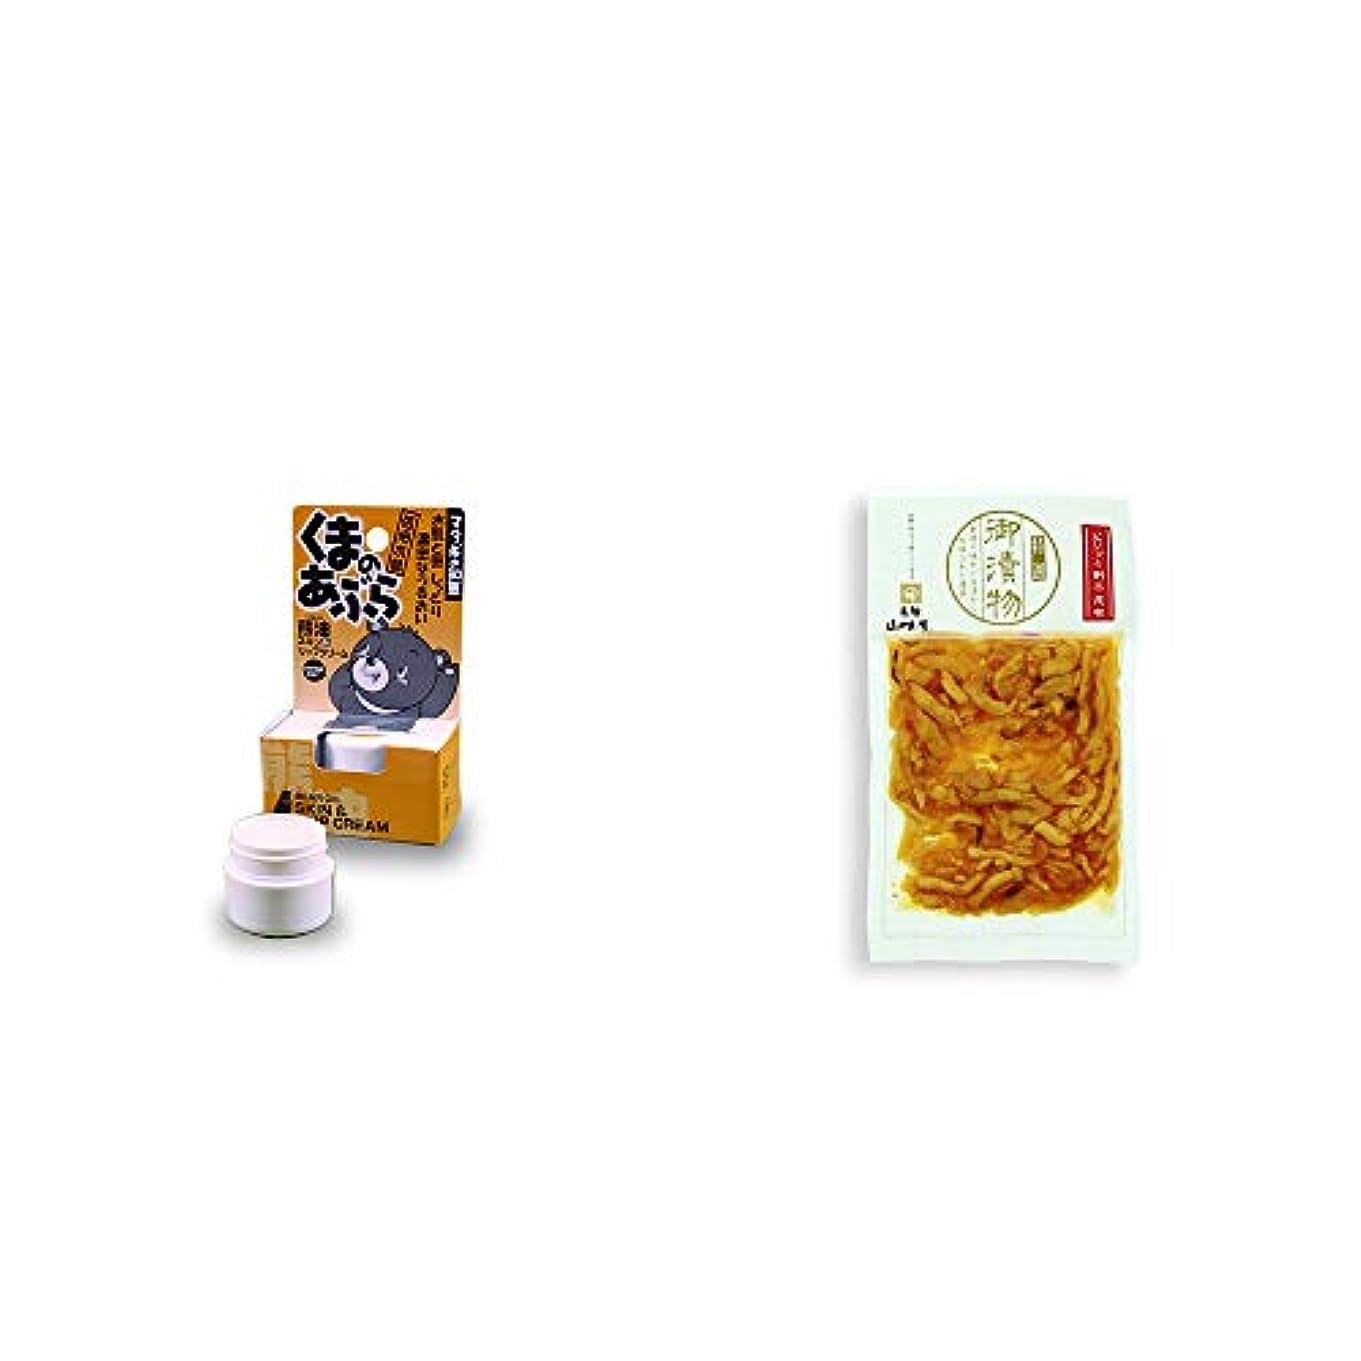 ビスケット旅行者ブーム[2点セット] 信州木曽 くまのあぶら 熊油スキン&リップクリーム(9g)?飛騨山味屋 ピリッと割干し昆布(230g)